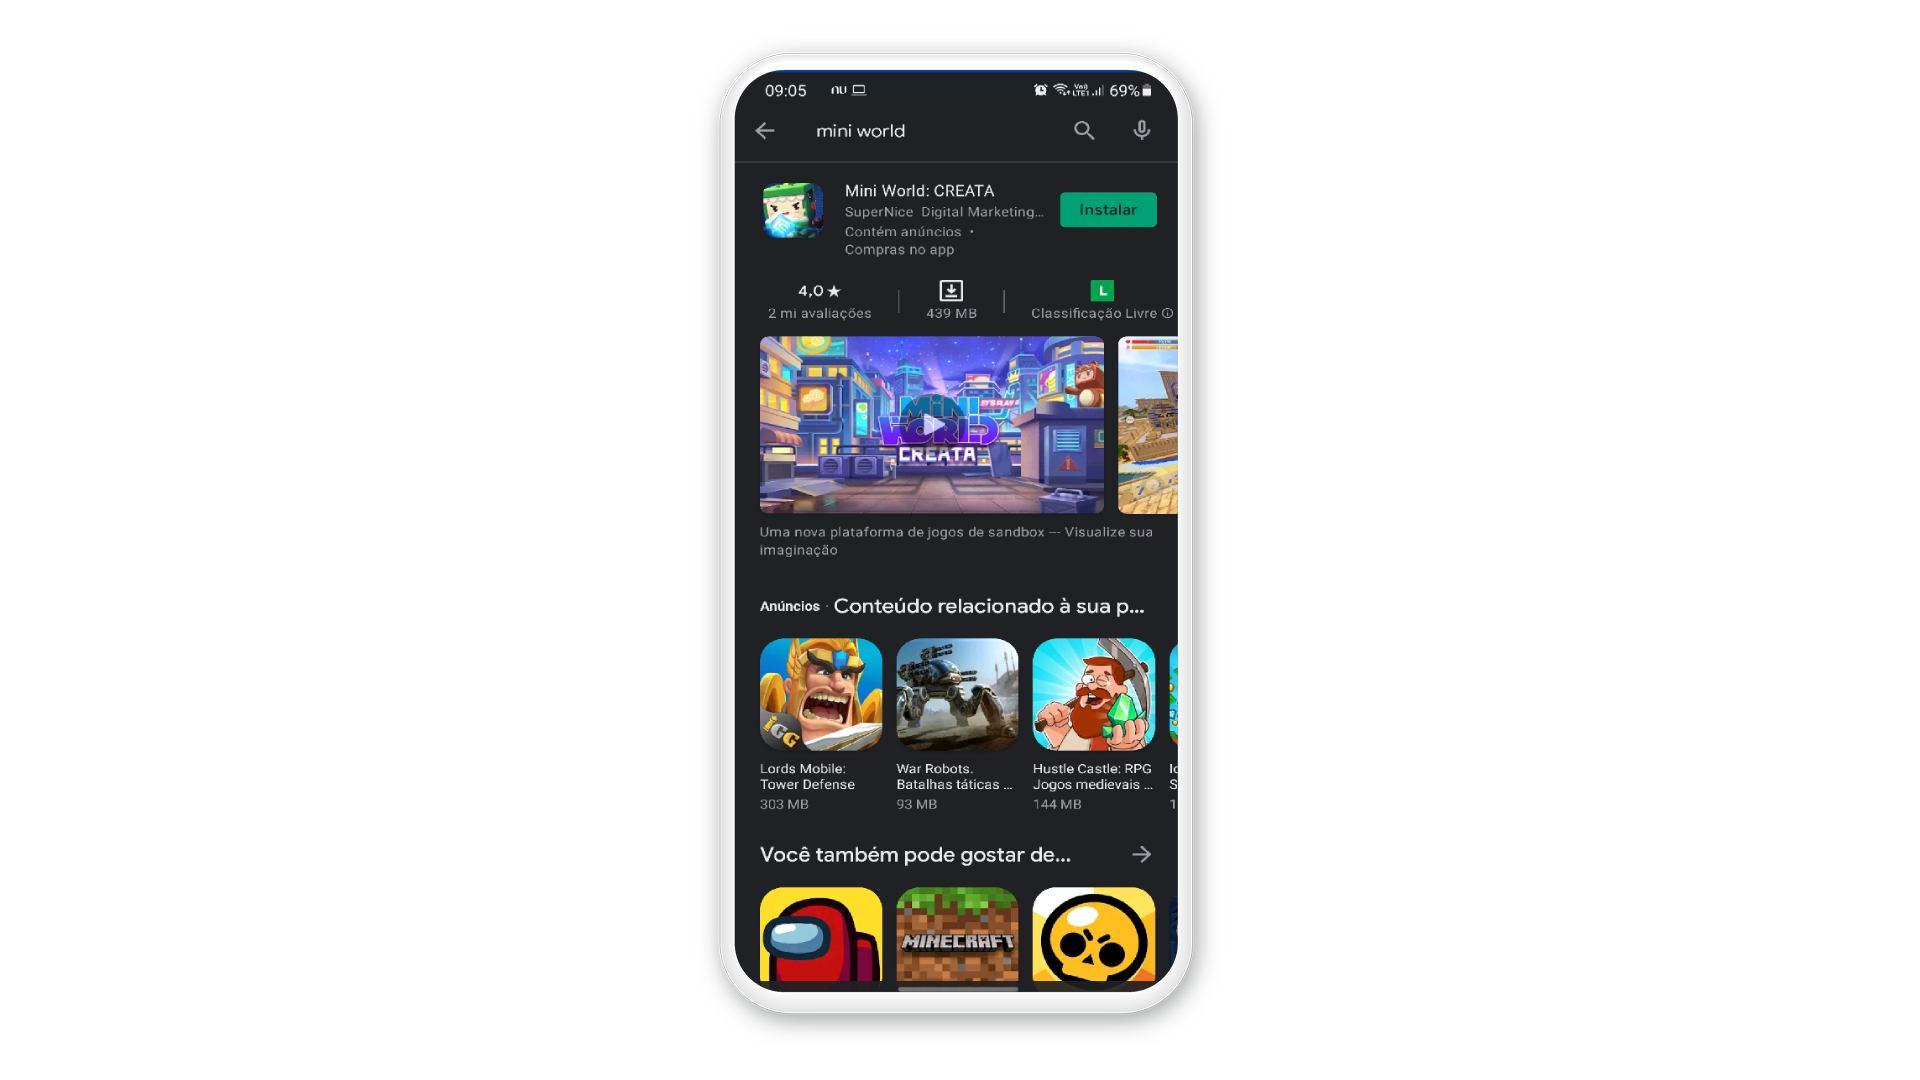 Imagem da Play Store com o jogo Mini World